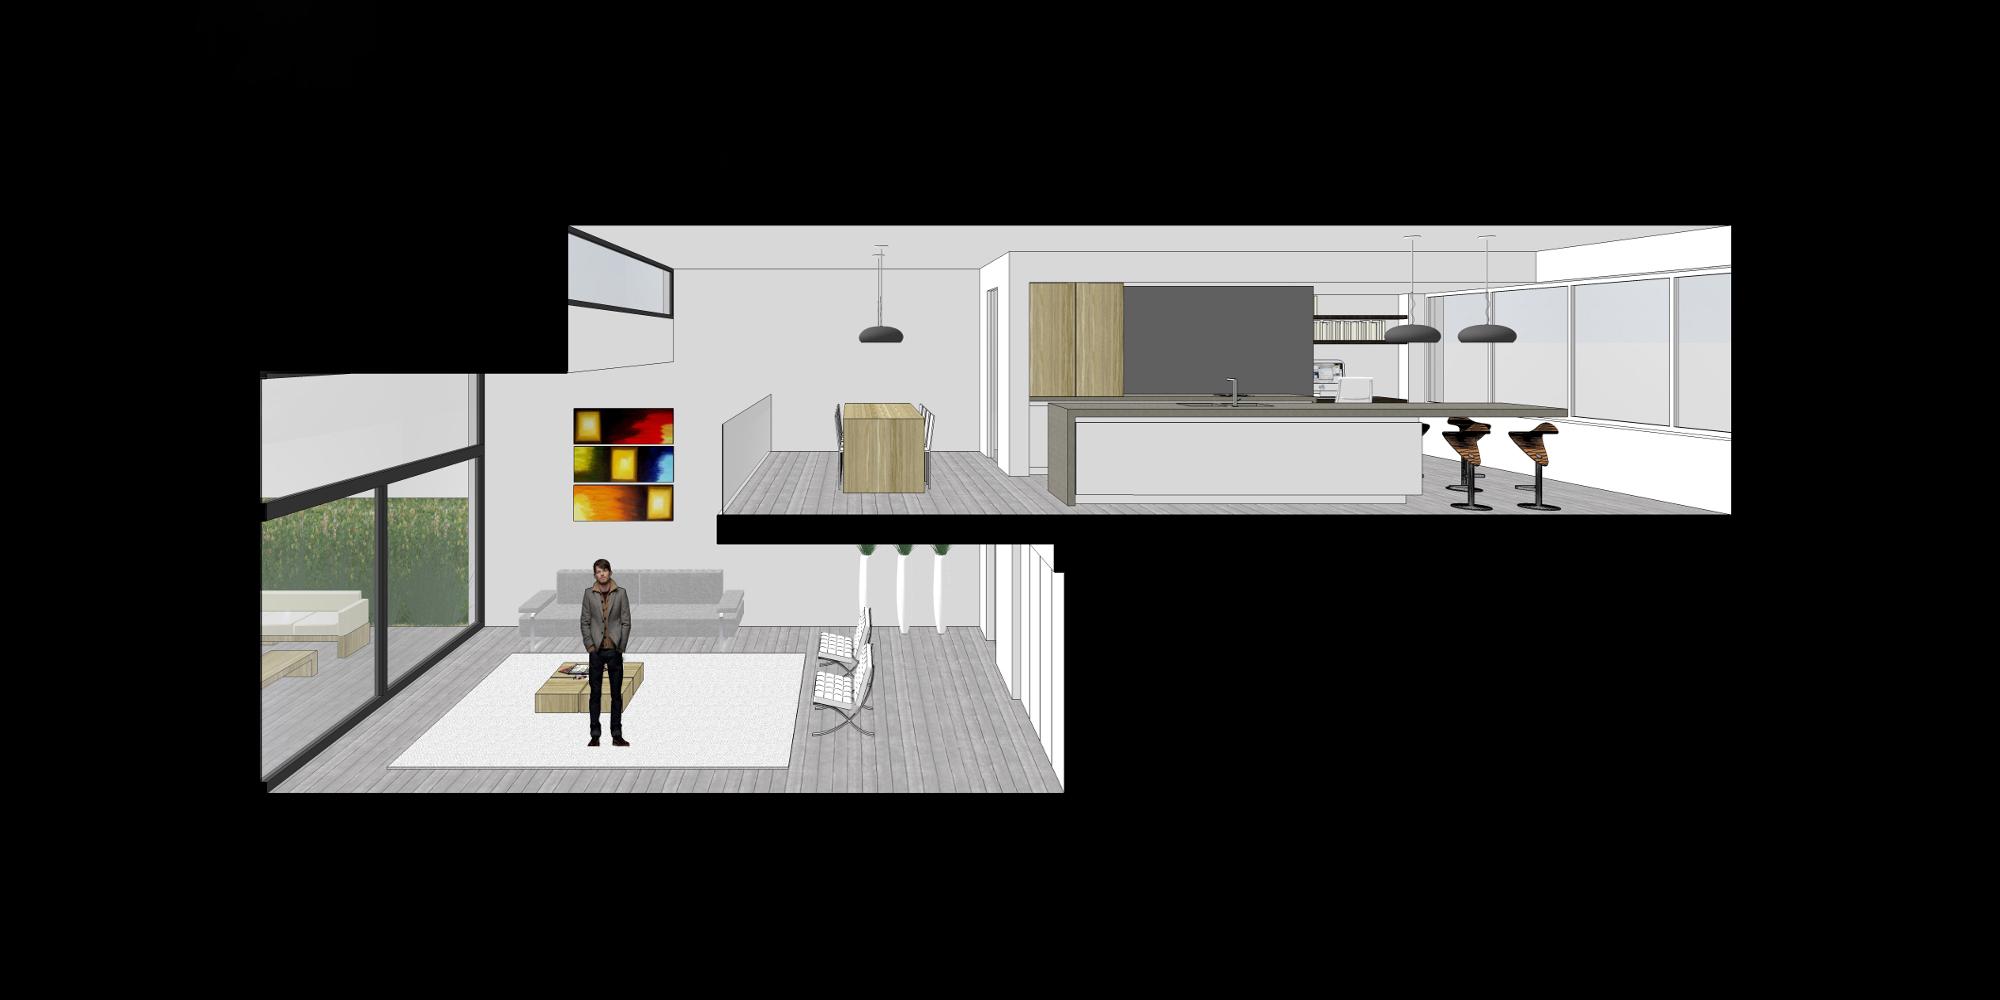 doorsnede - concept 10.jpg